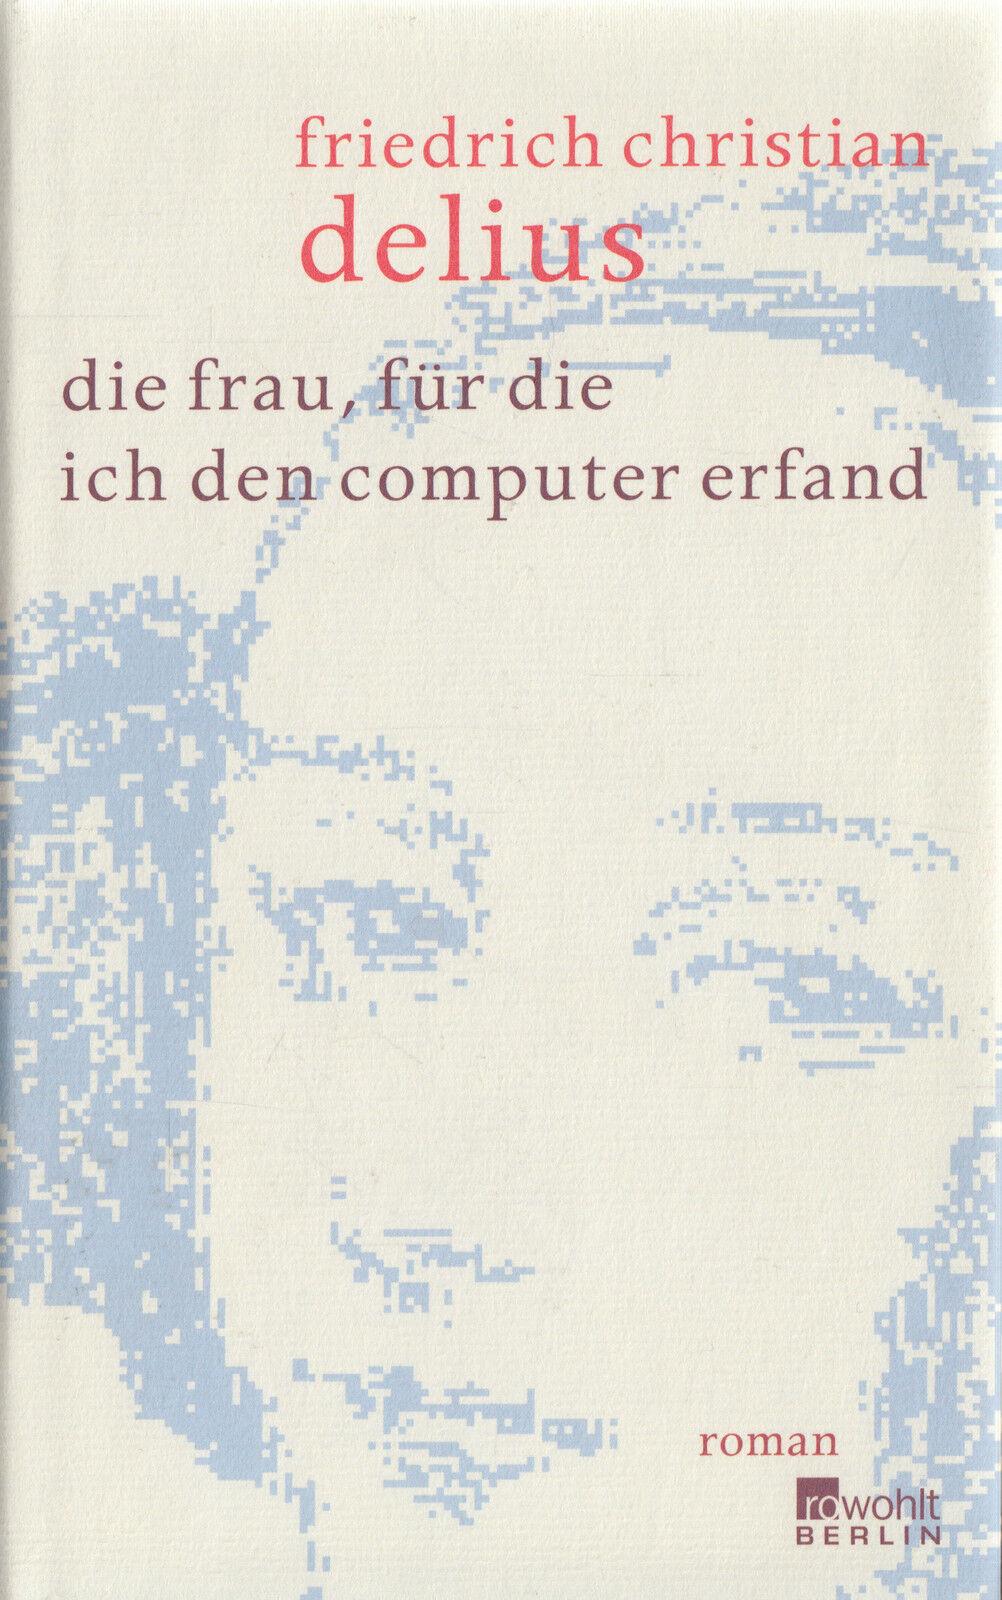 ro- * DELIUS : DIE FRAU, FÜR DIE ICH DEN COMPUTER ERFAND - Meine Beschreibung